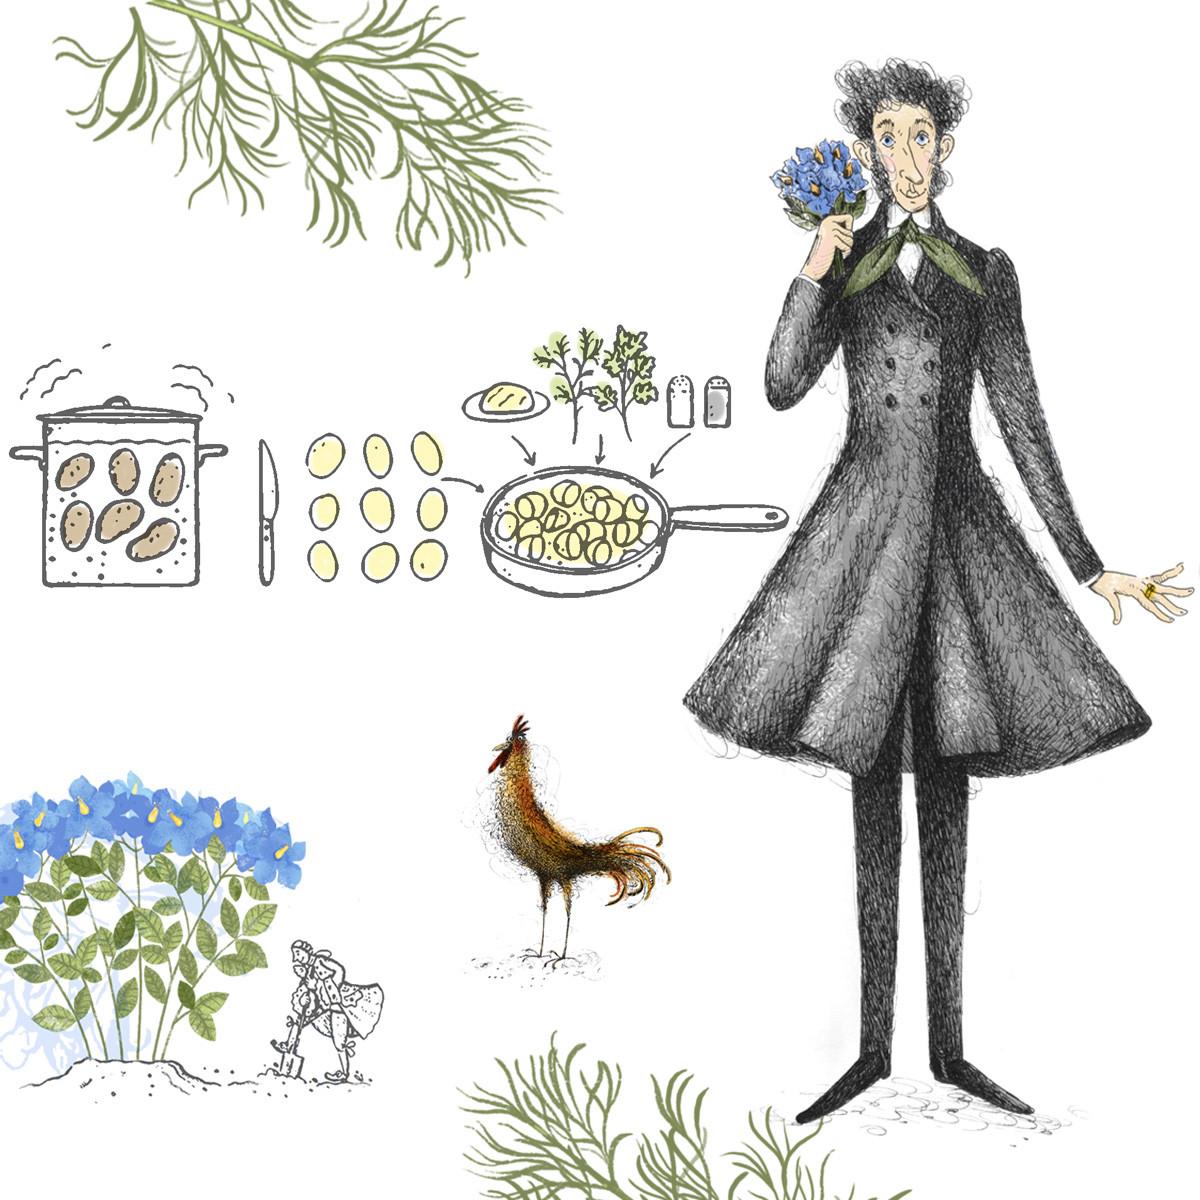 『ニシンの子牛肉添え。食べ物と作家とレシピについての本』エリダール・オルジェフ著、画像:インナ・バガエワ